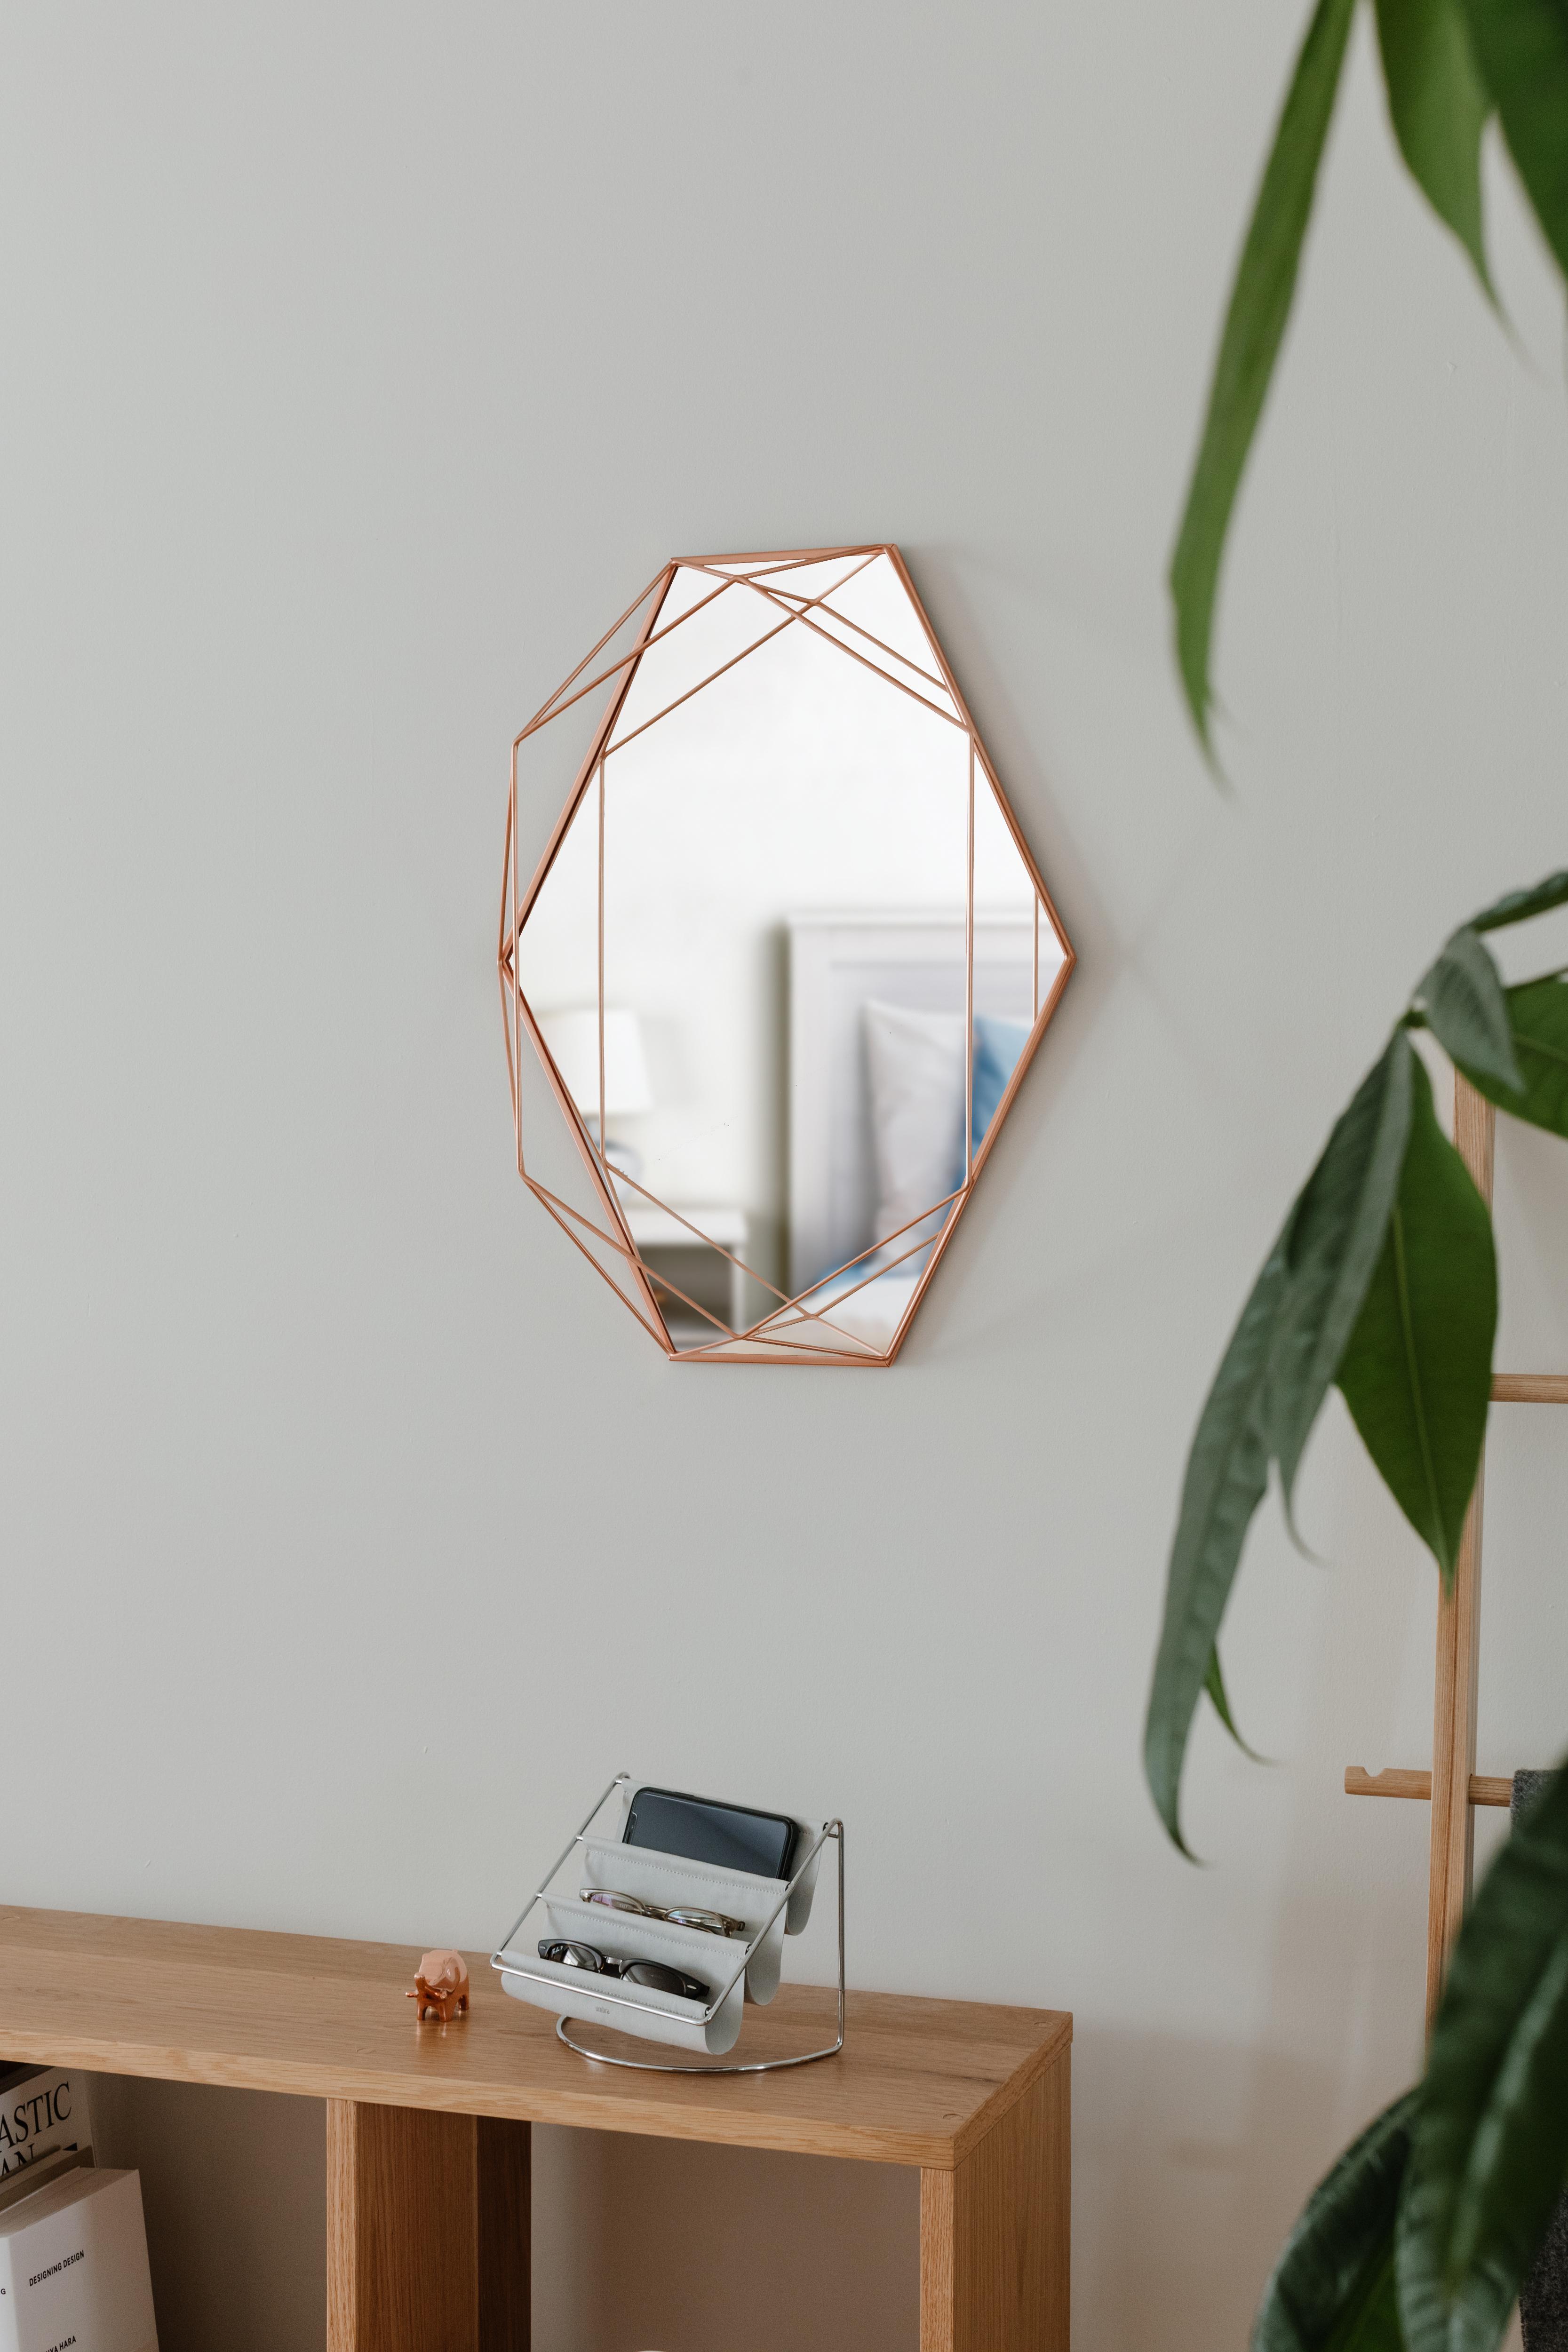 Miroir mural structure filaire métal cuivré